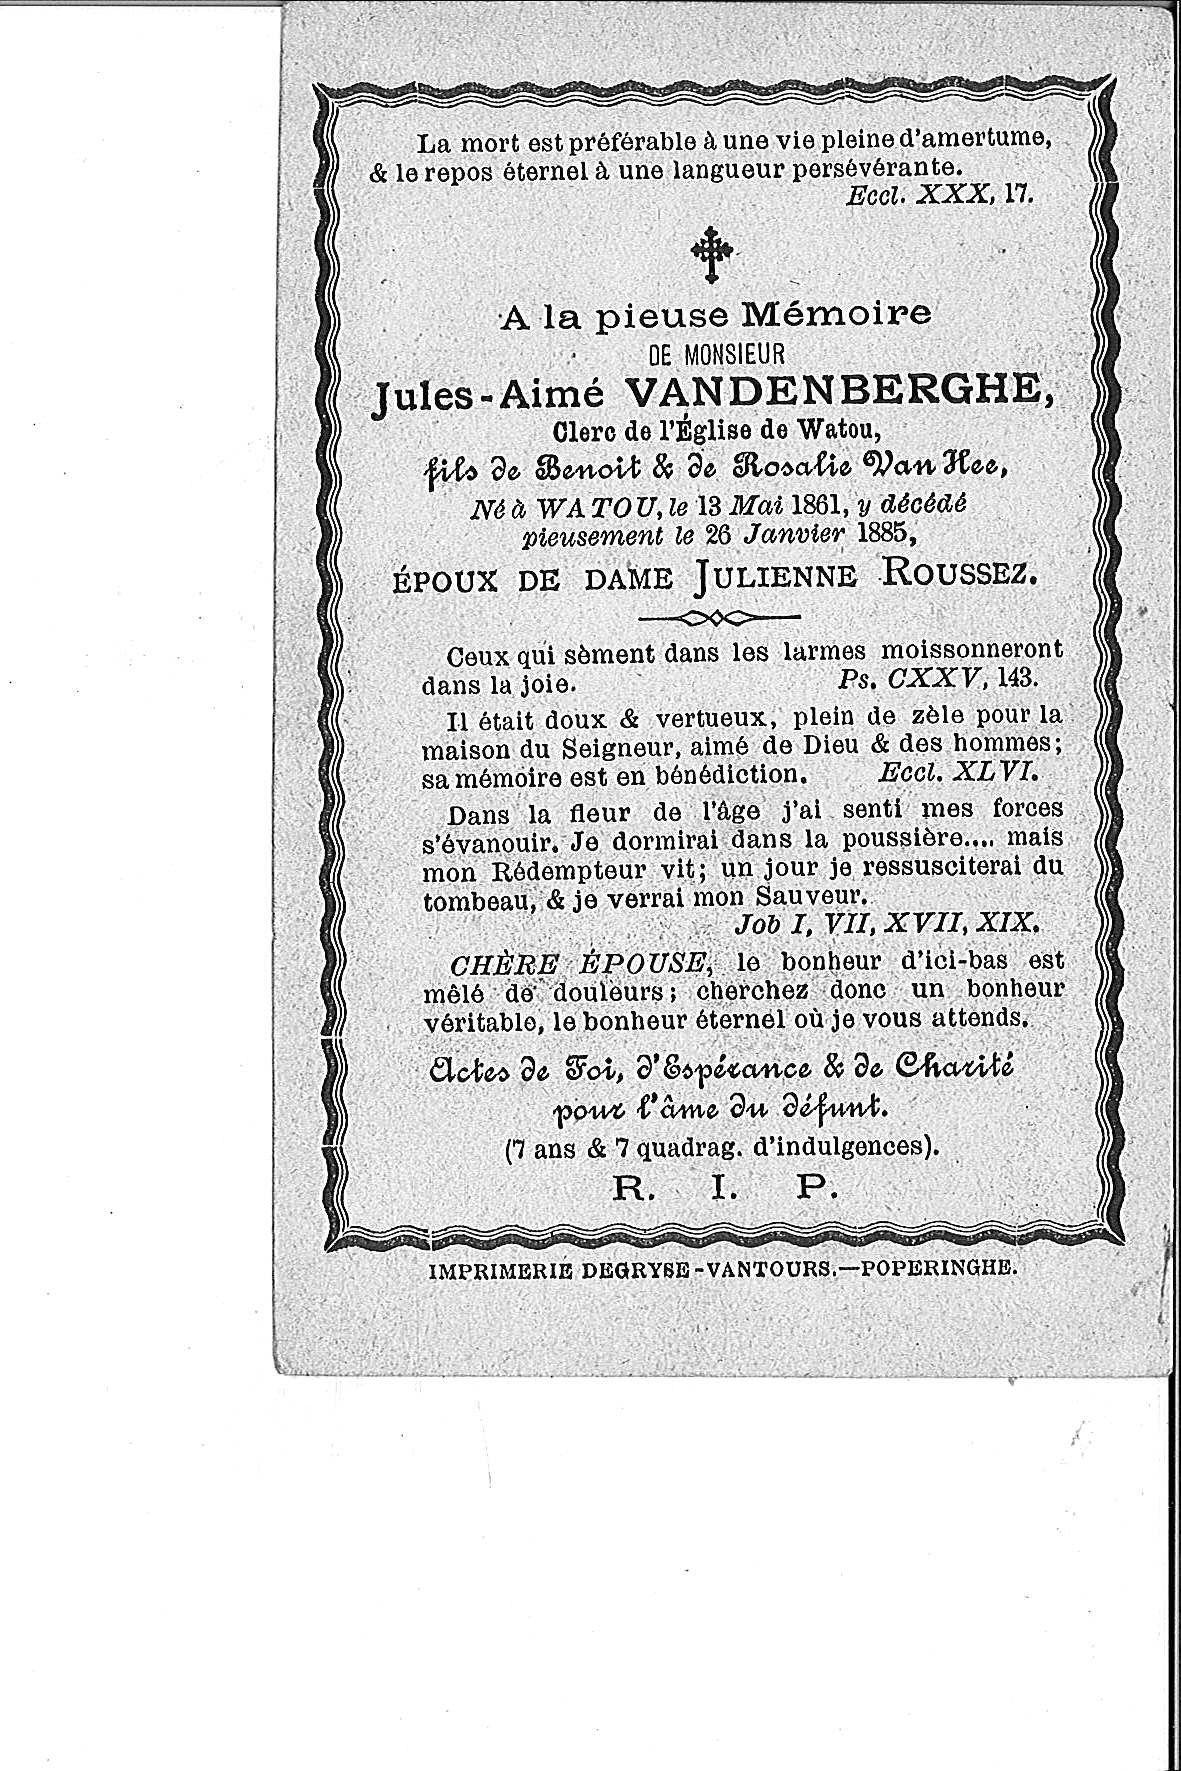 Jules_Aimé(1885)20150803143905_00051.jpg